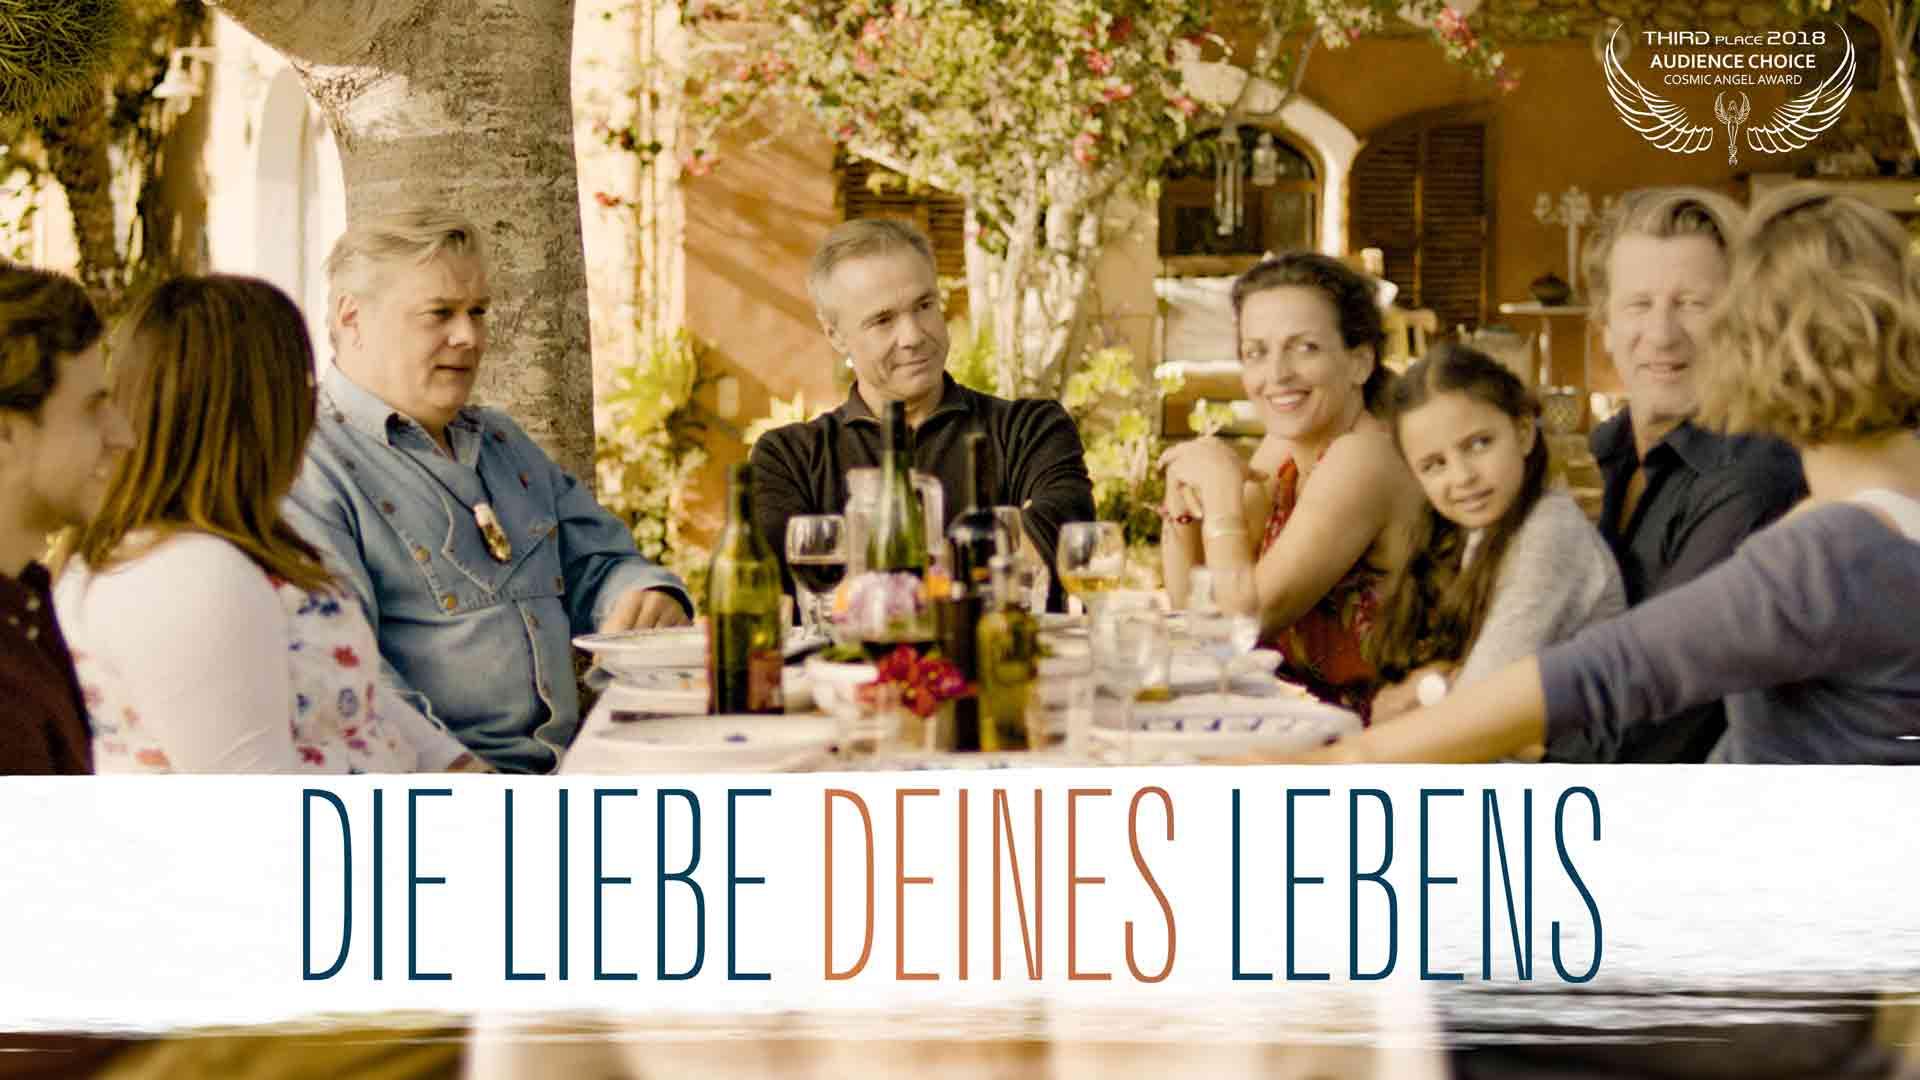 Die liebe deines lebens stream deutsch